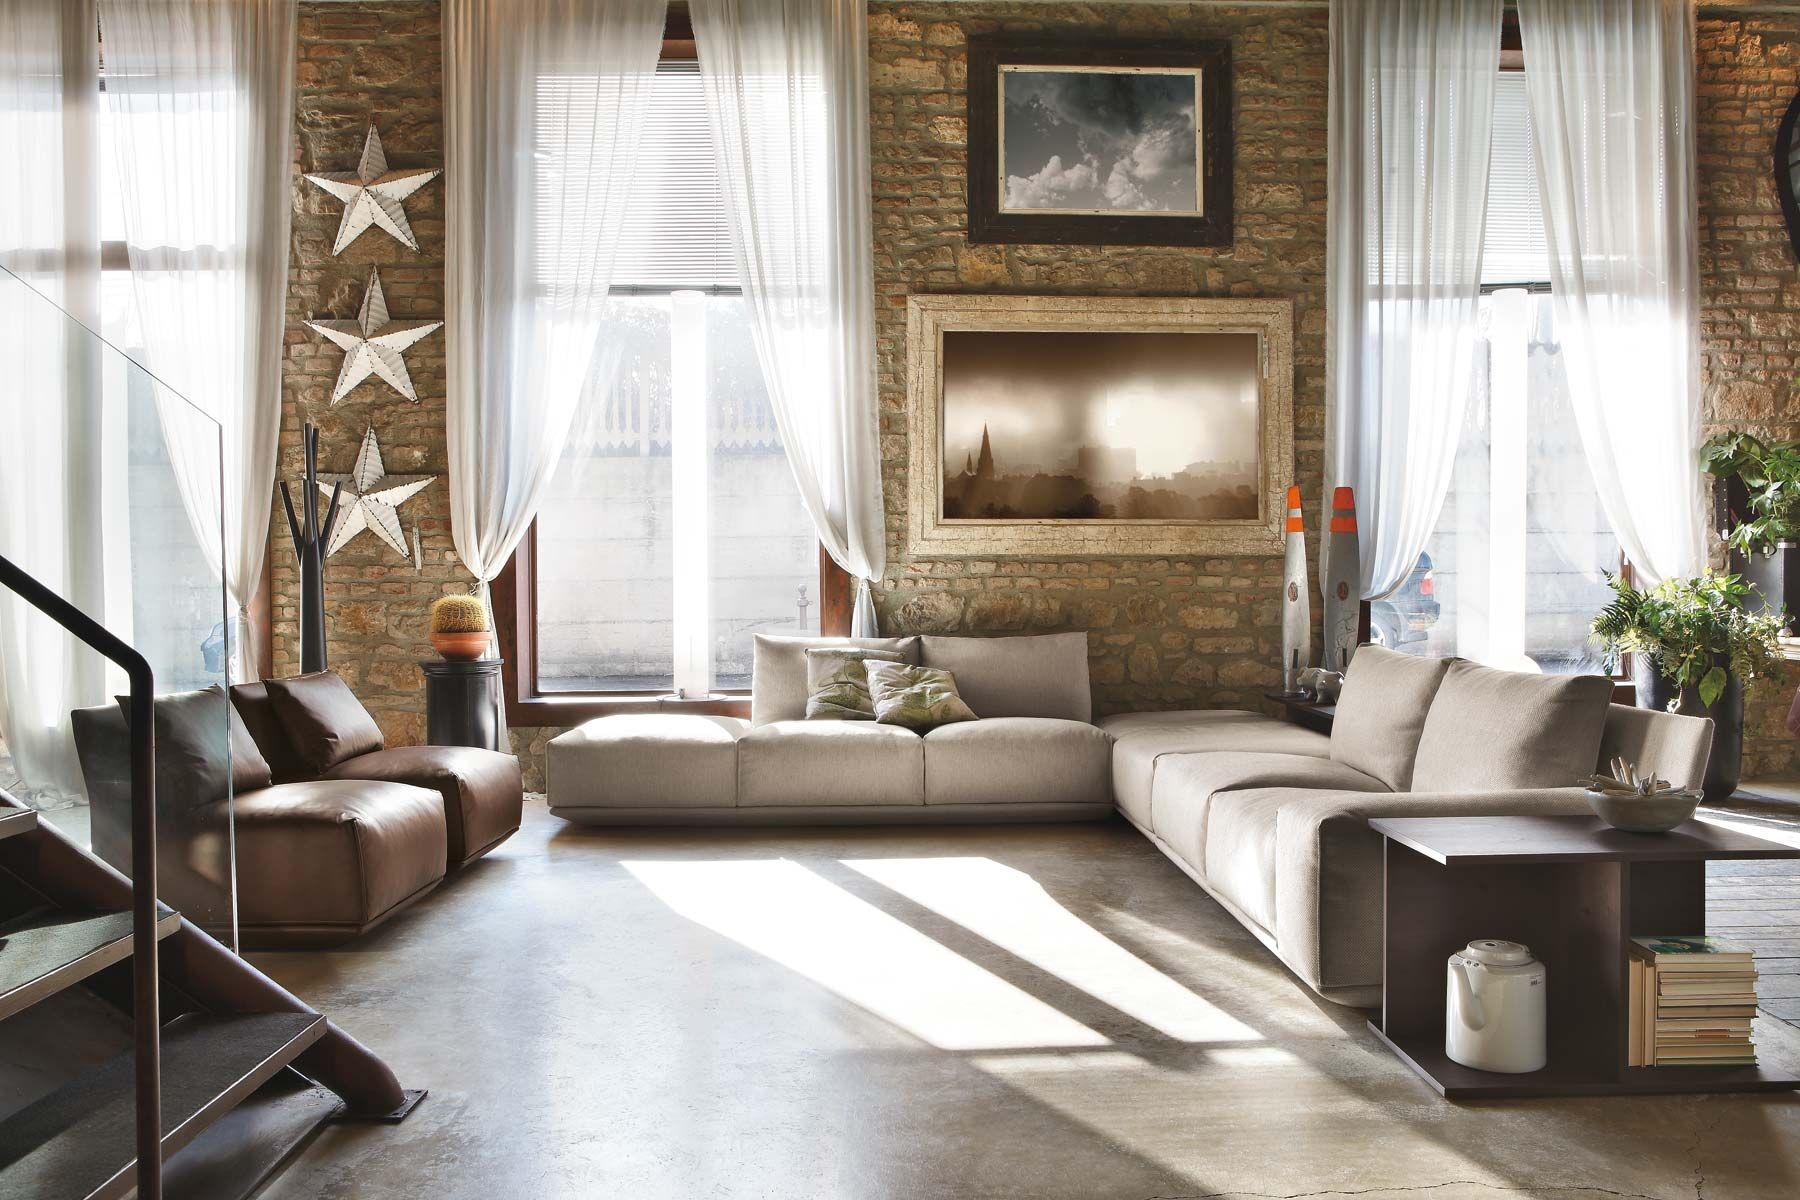 Musa spa divani e poltrone sofas and armchairs wing - Poltrone e sofa ...